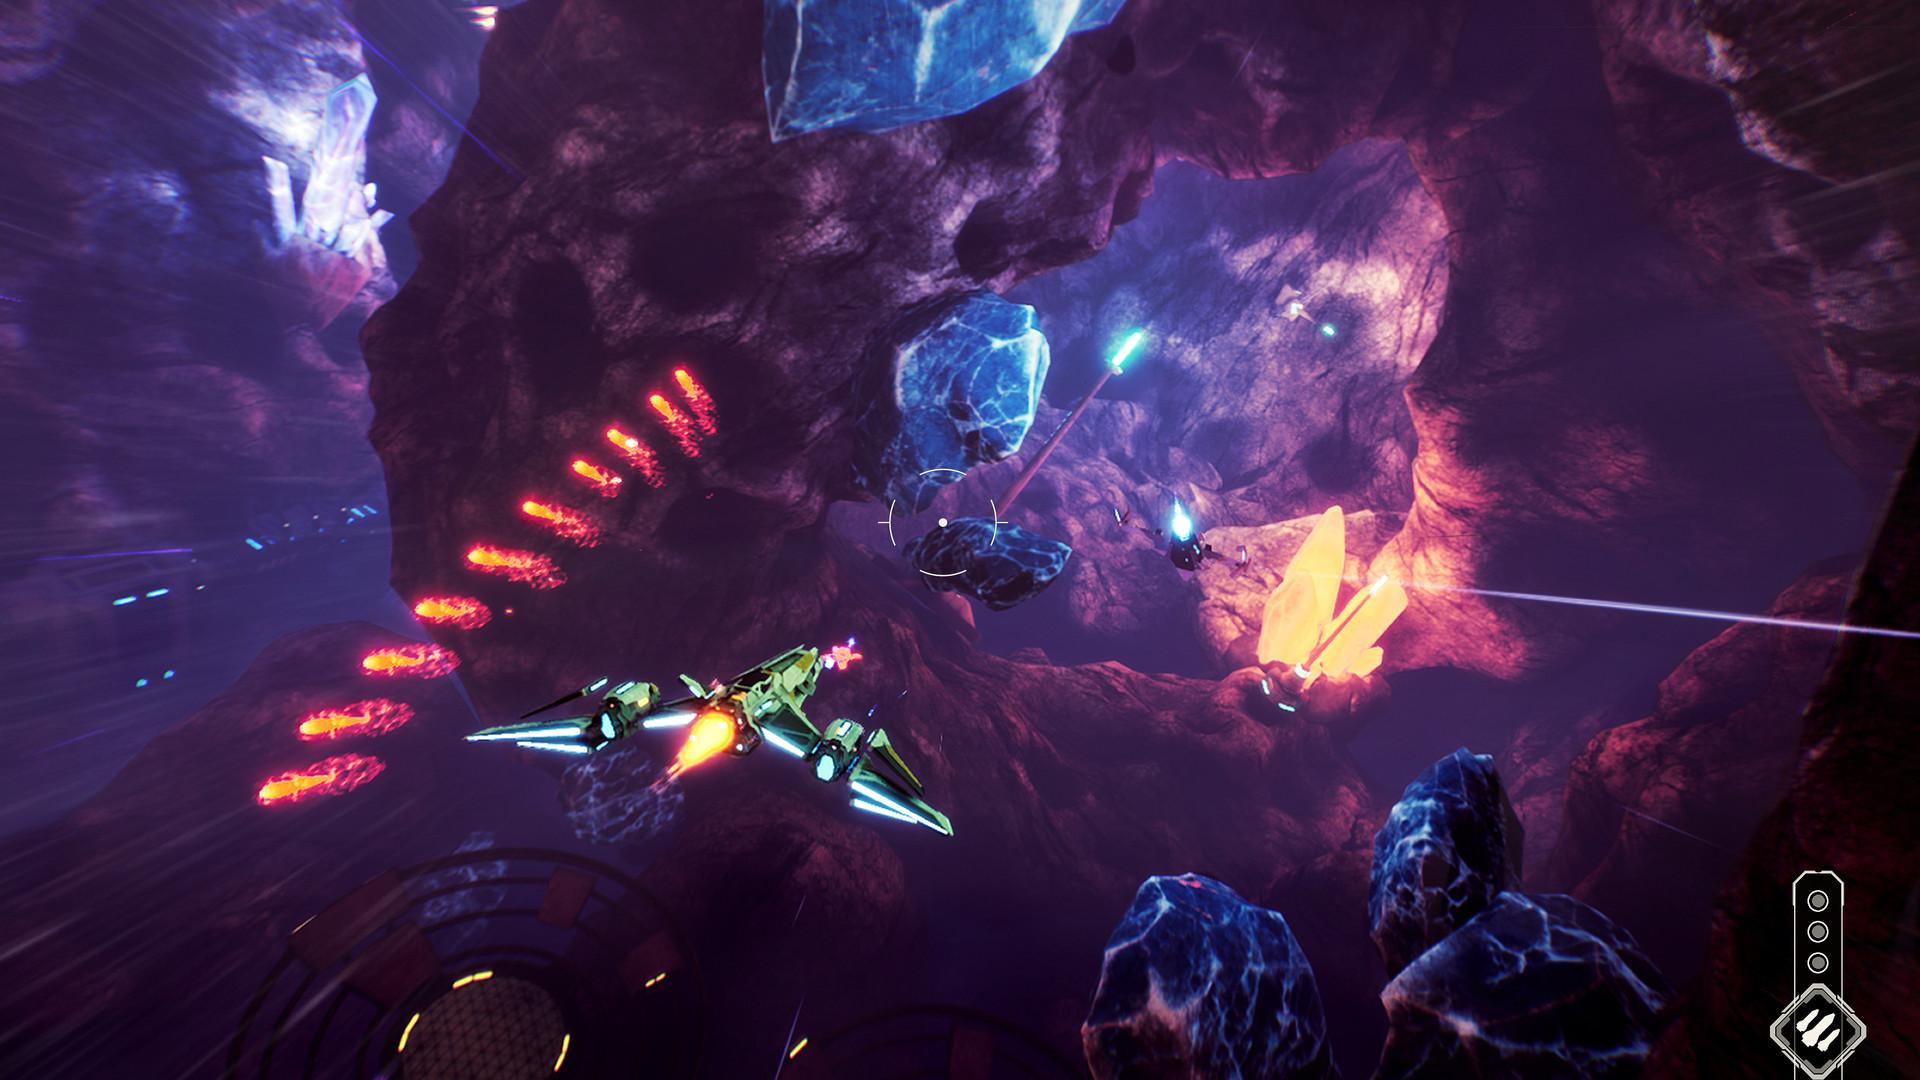 redout-space-assault-pc-screenshot-04